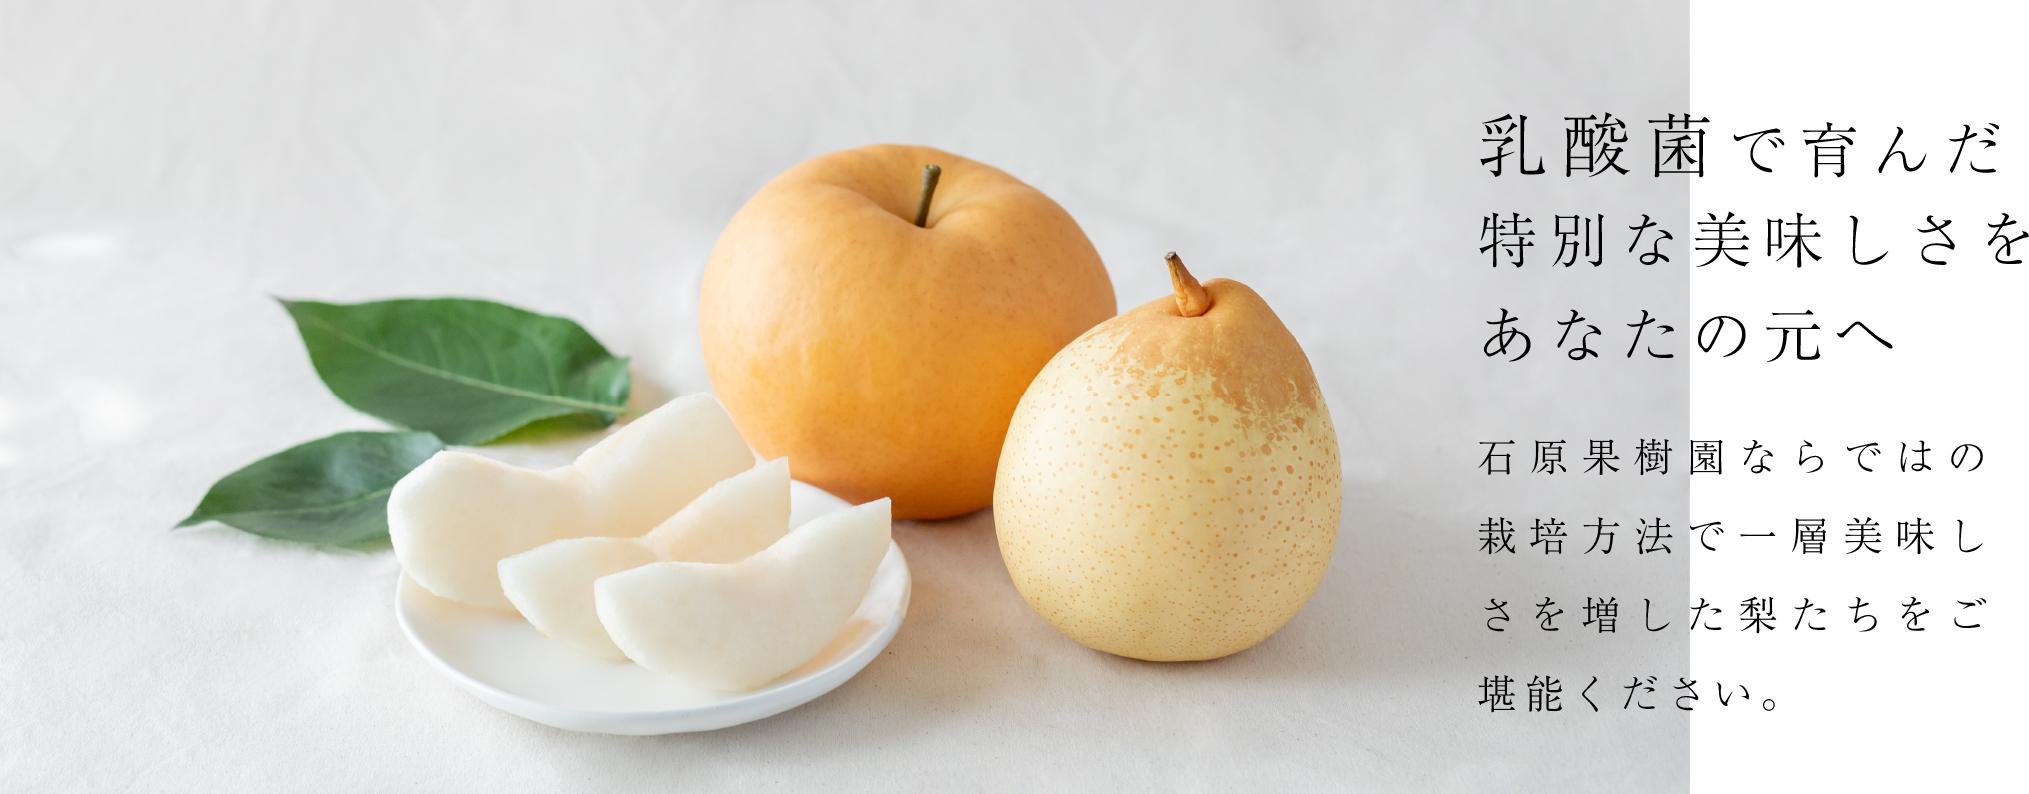 乳酸菌で育んだ特別な美味しさをあなたの元へ。石原果樹園ならではの栽培方法で一層美味しさを増した梨たちをご堪能ください。